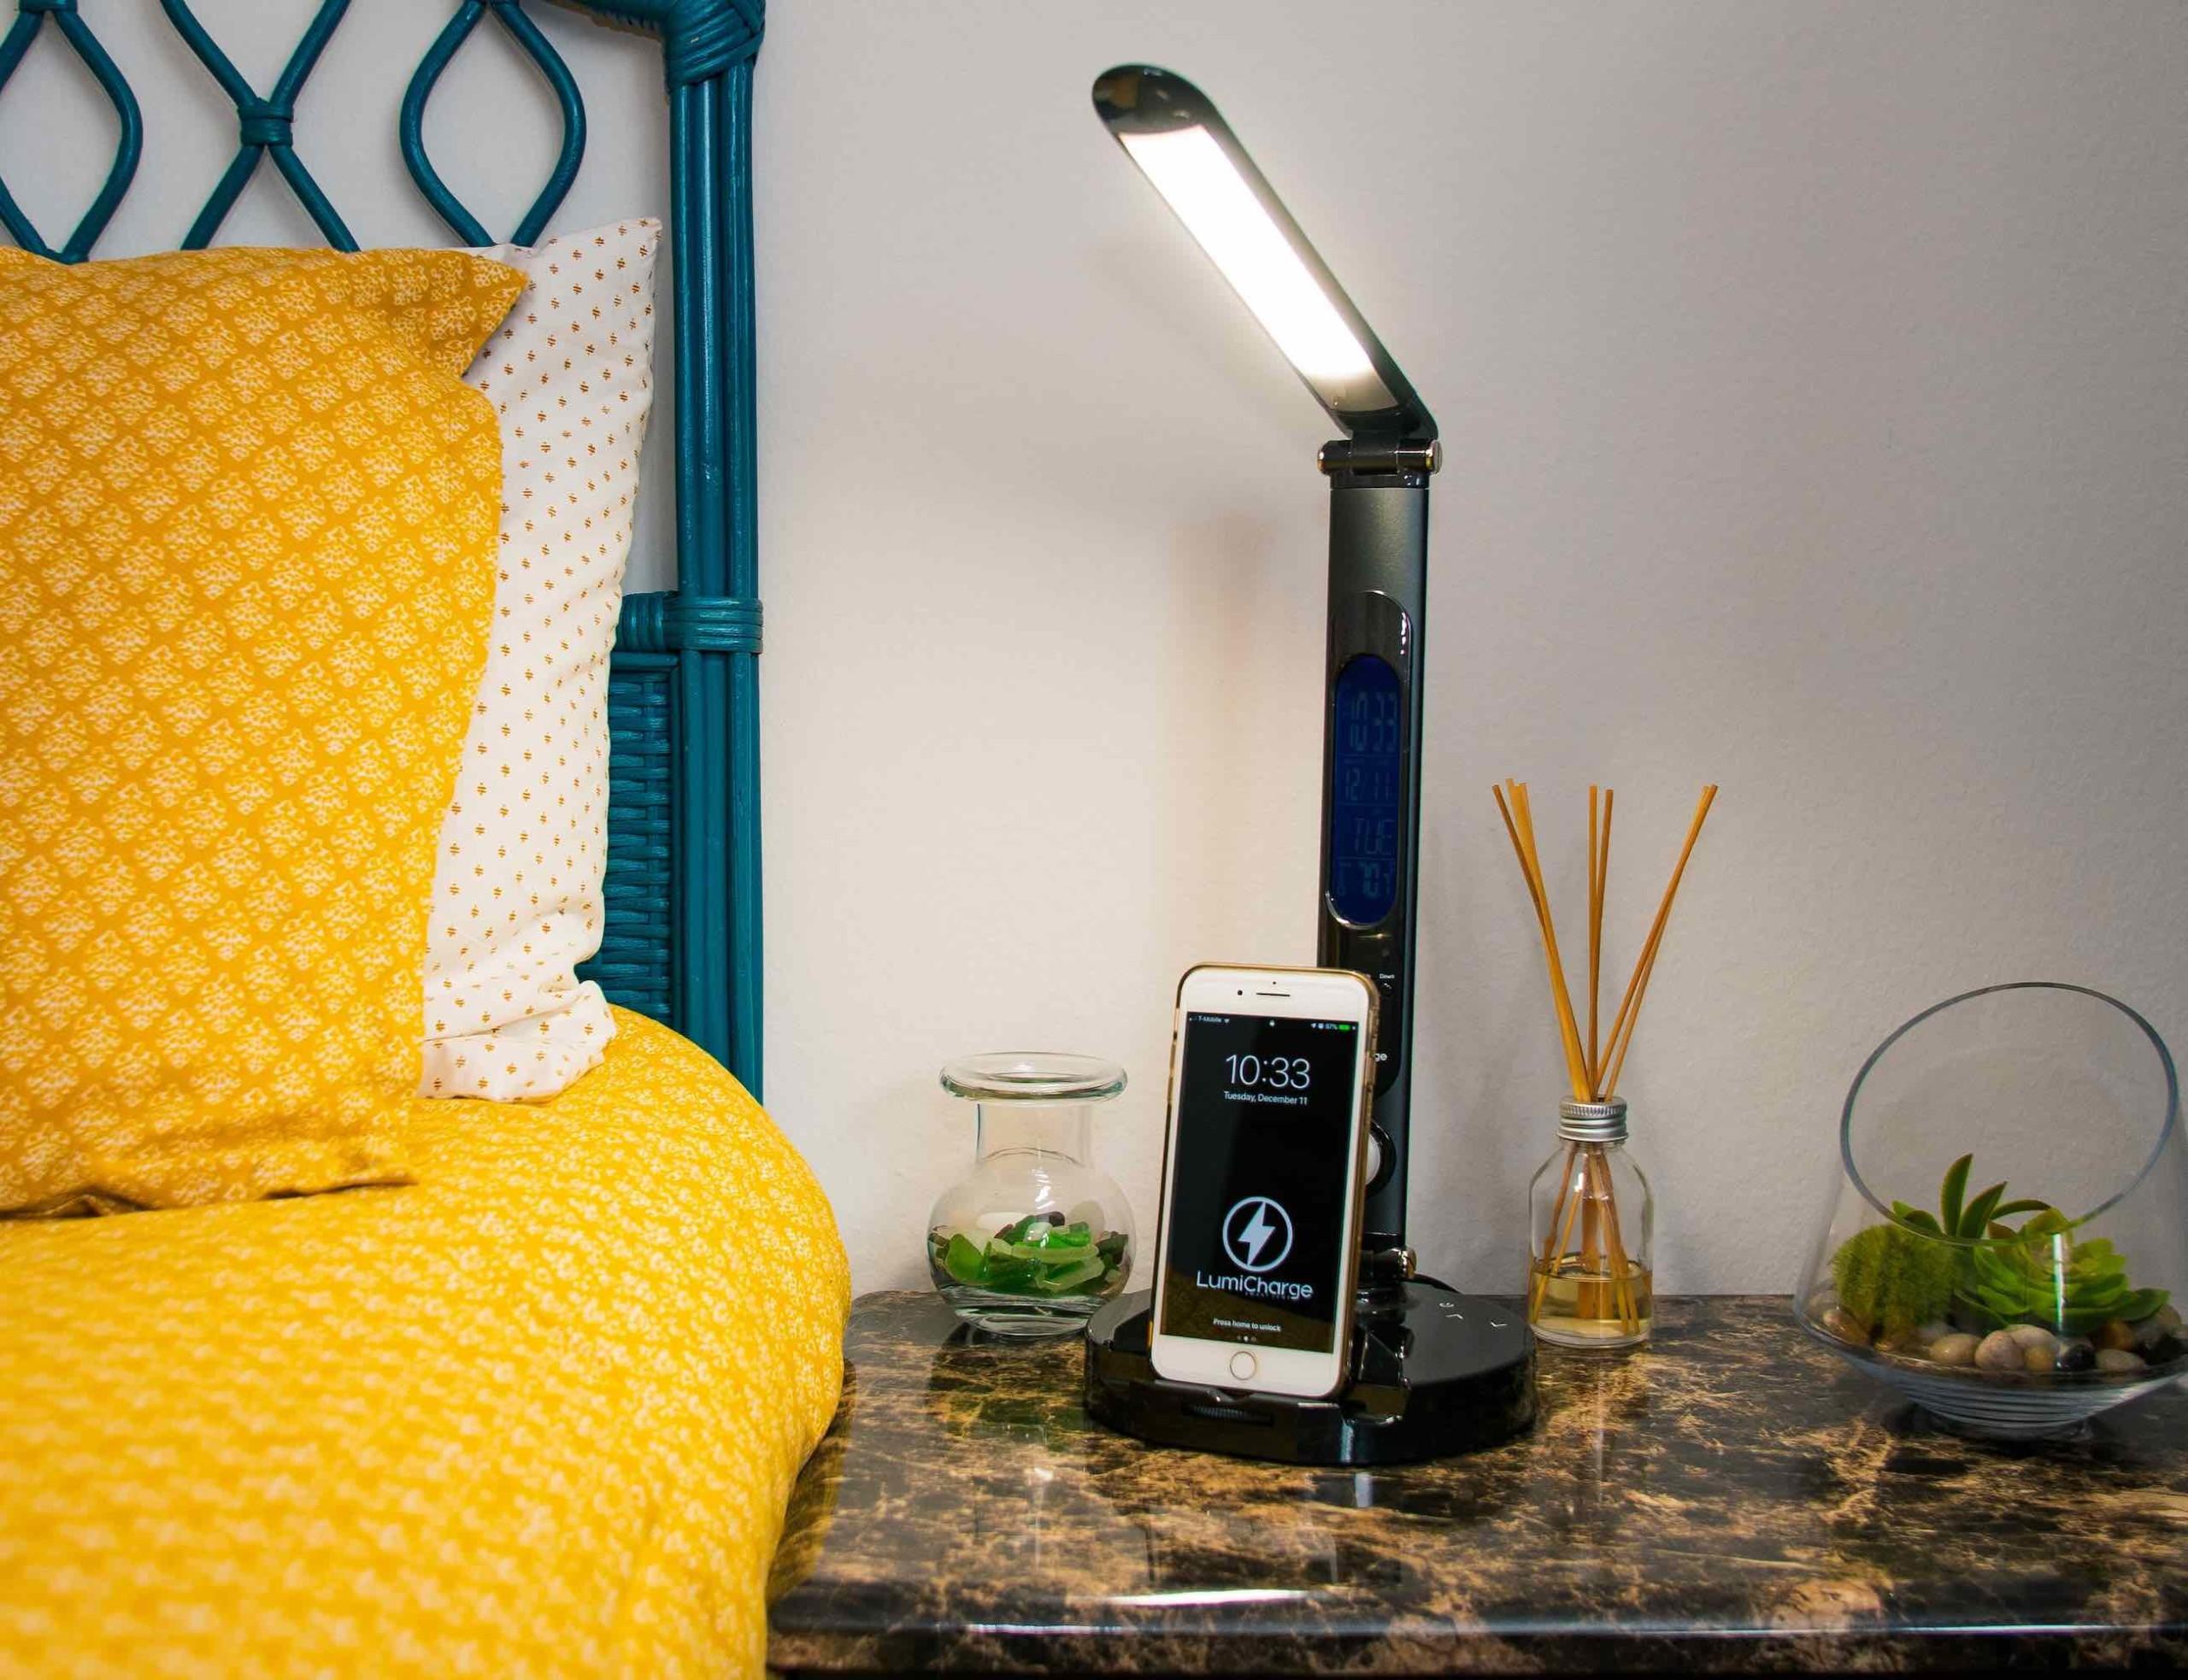 LumiCharge II Multifunctional Smart LED Lamp has everything you need